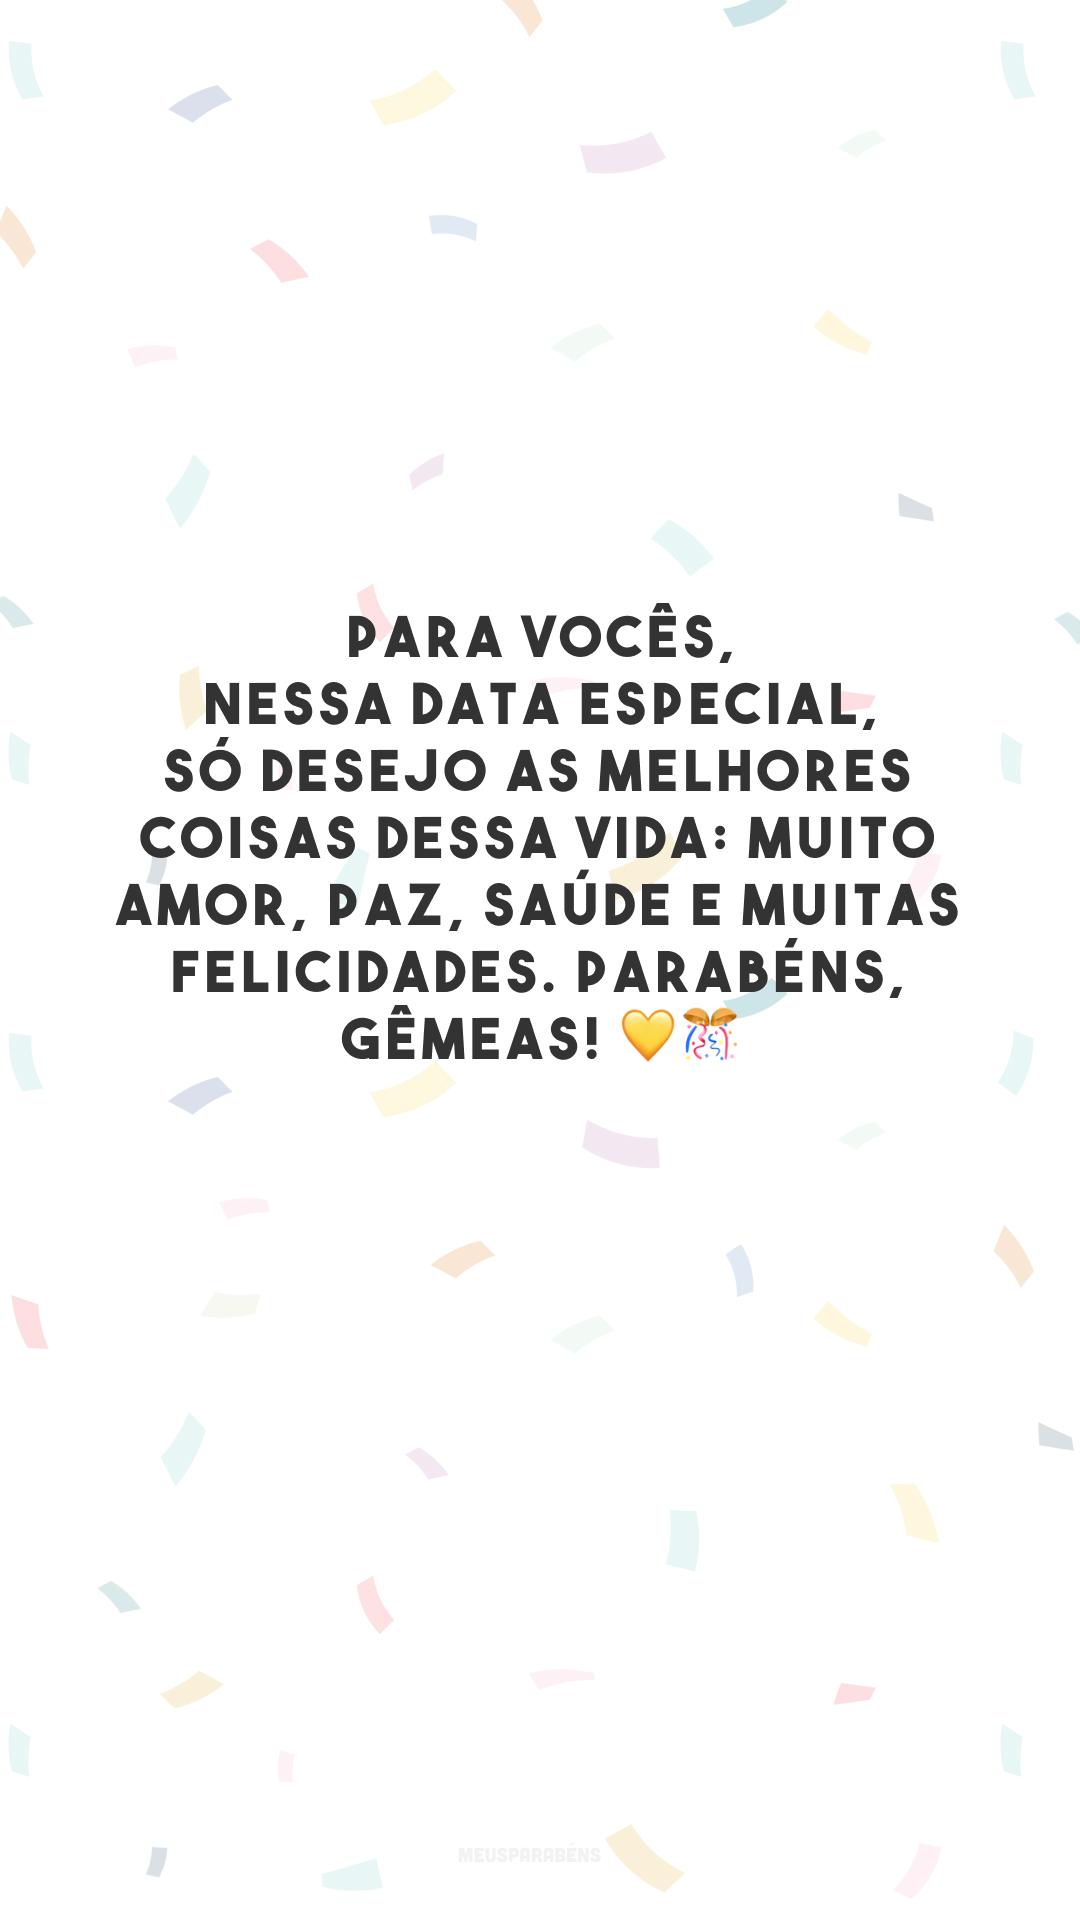 Para vocês, nessa data especial, só desejo as melhores coisas dessa vida: muito amor, paz, saúde e muitas felicidades. Parabéns, gêmeas! 💛🎊